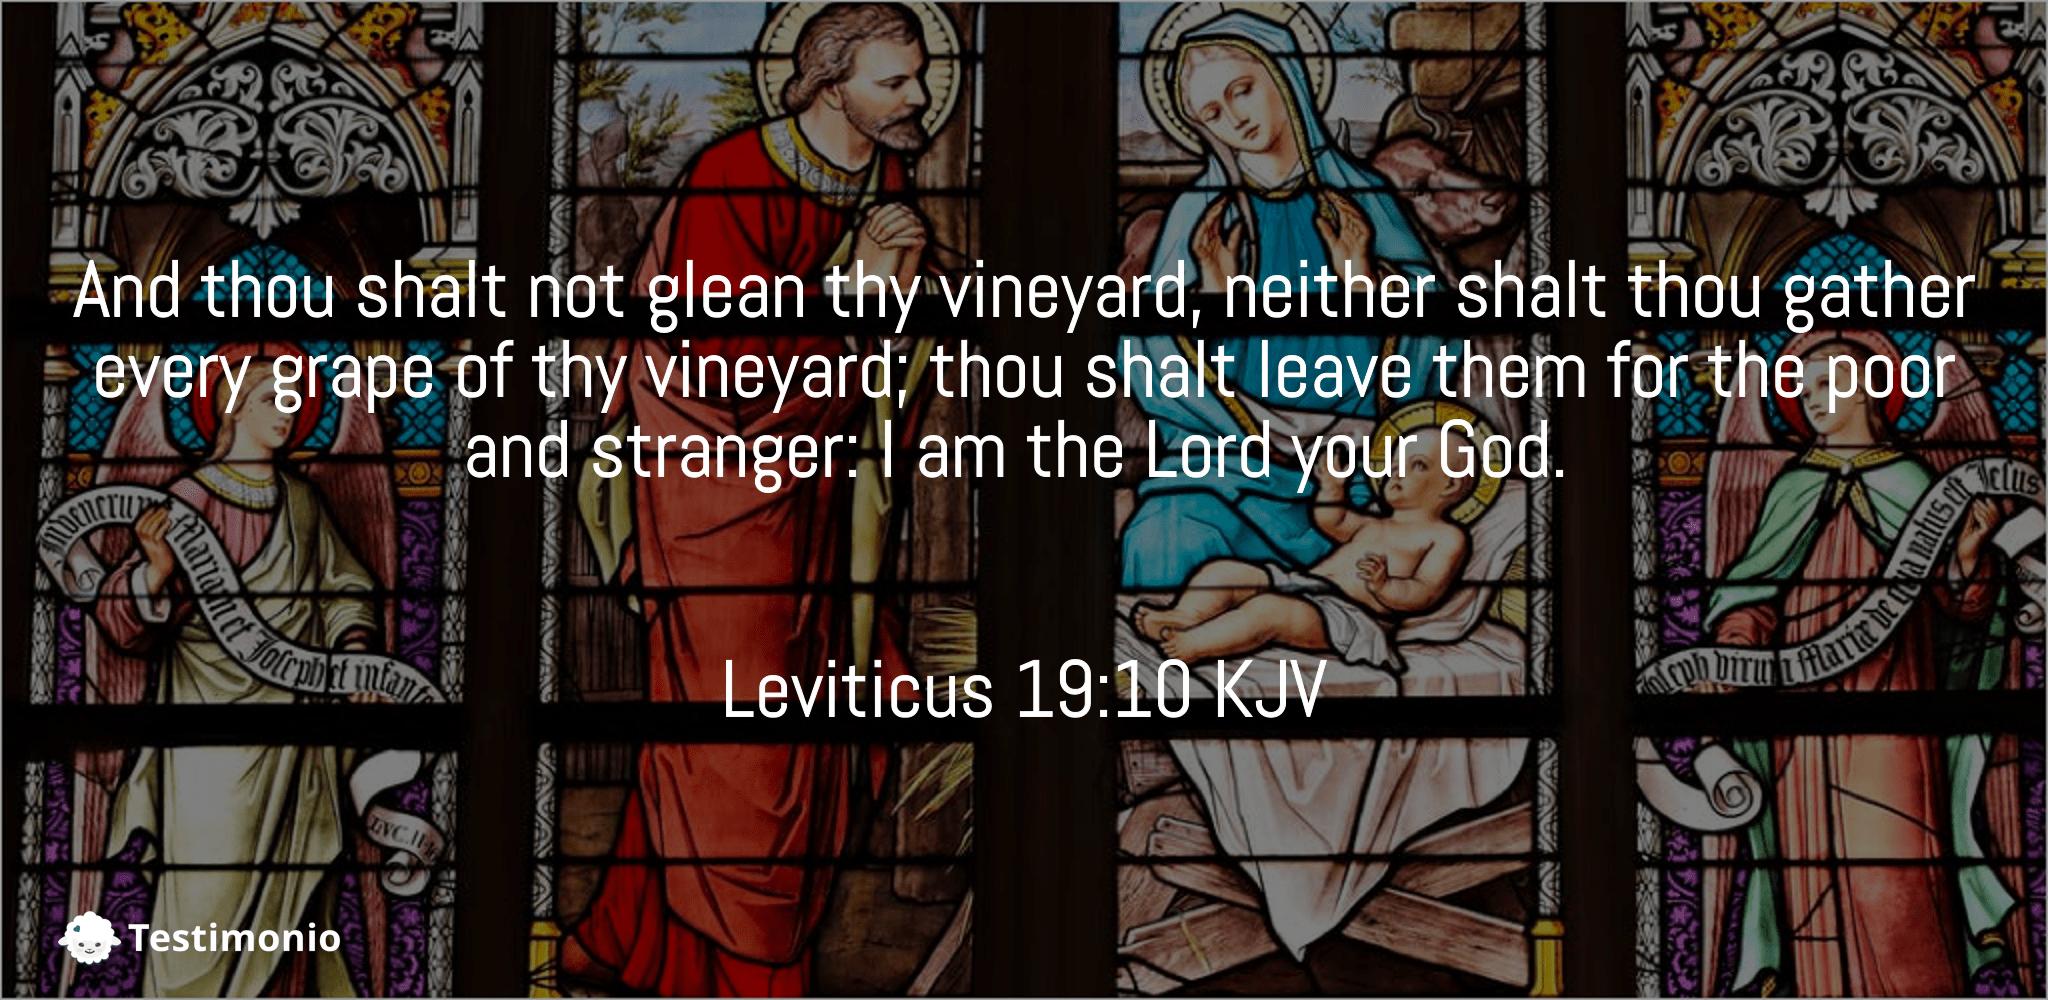 Leviticus 19:10